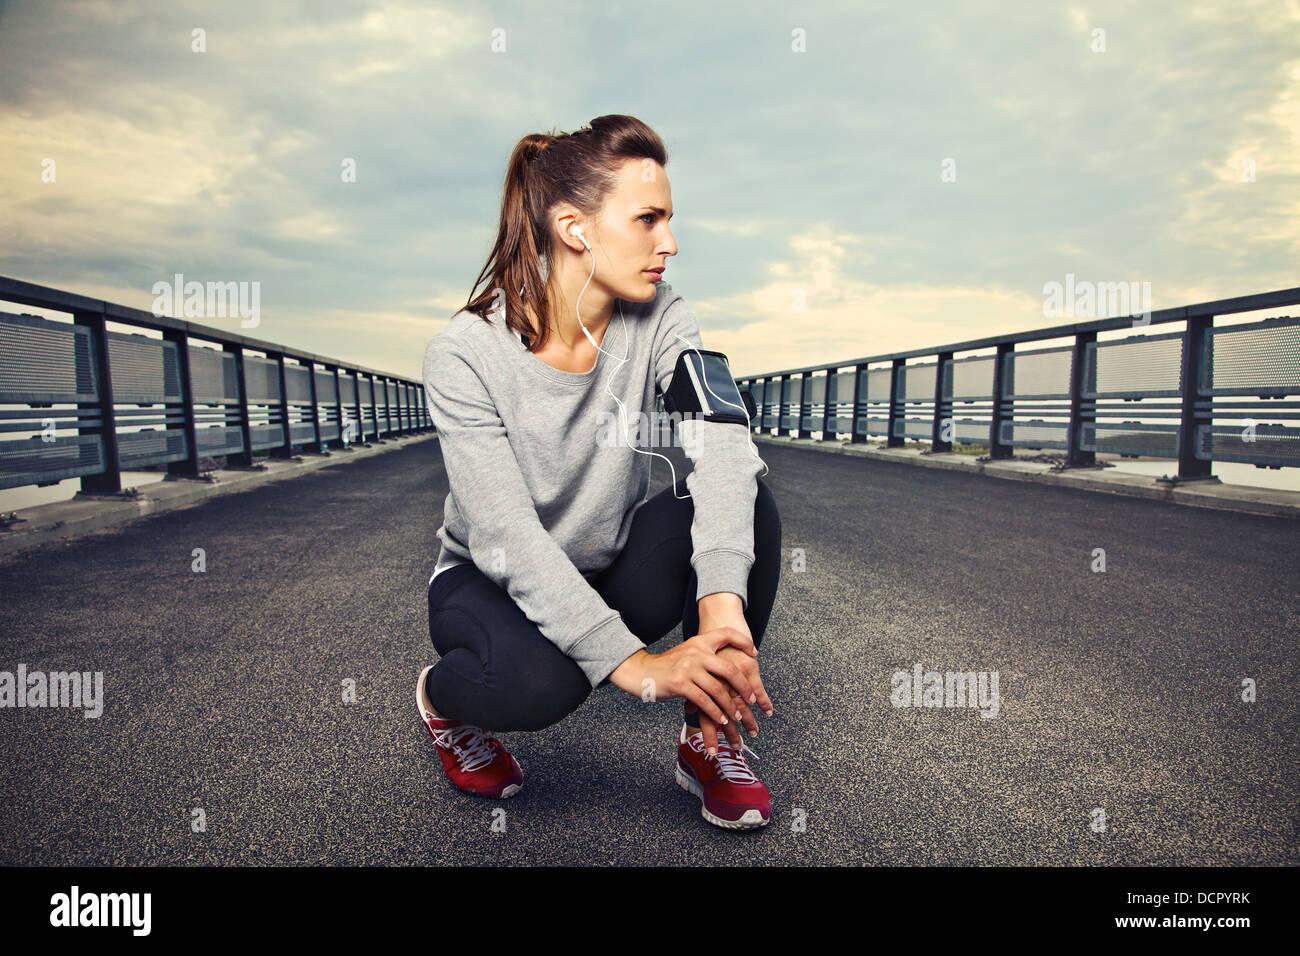 Fitness femenino runner sentado solo en el puente descansando Imagen De Stock